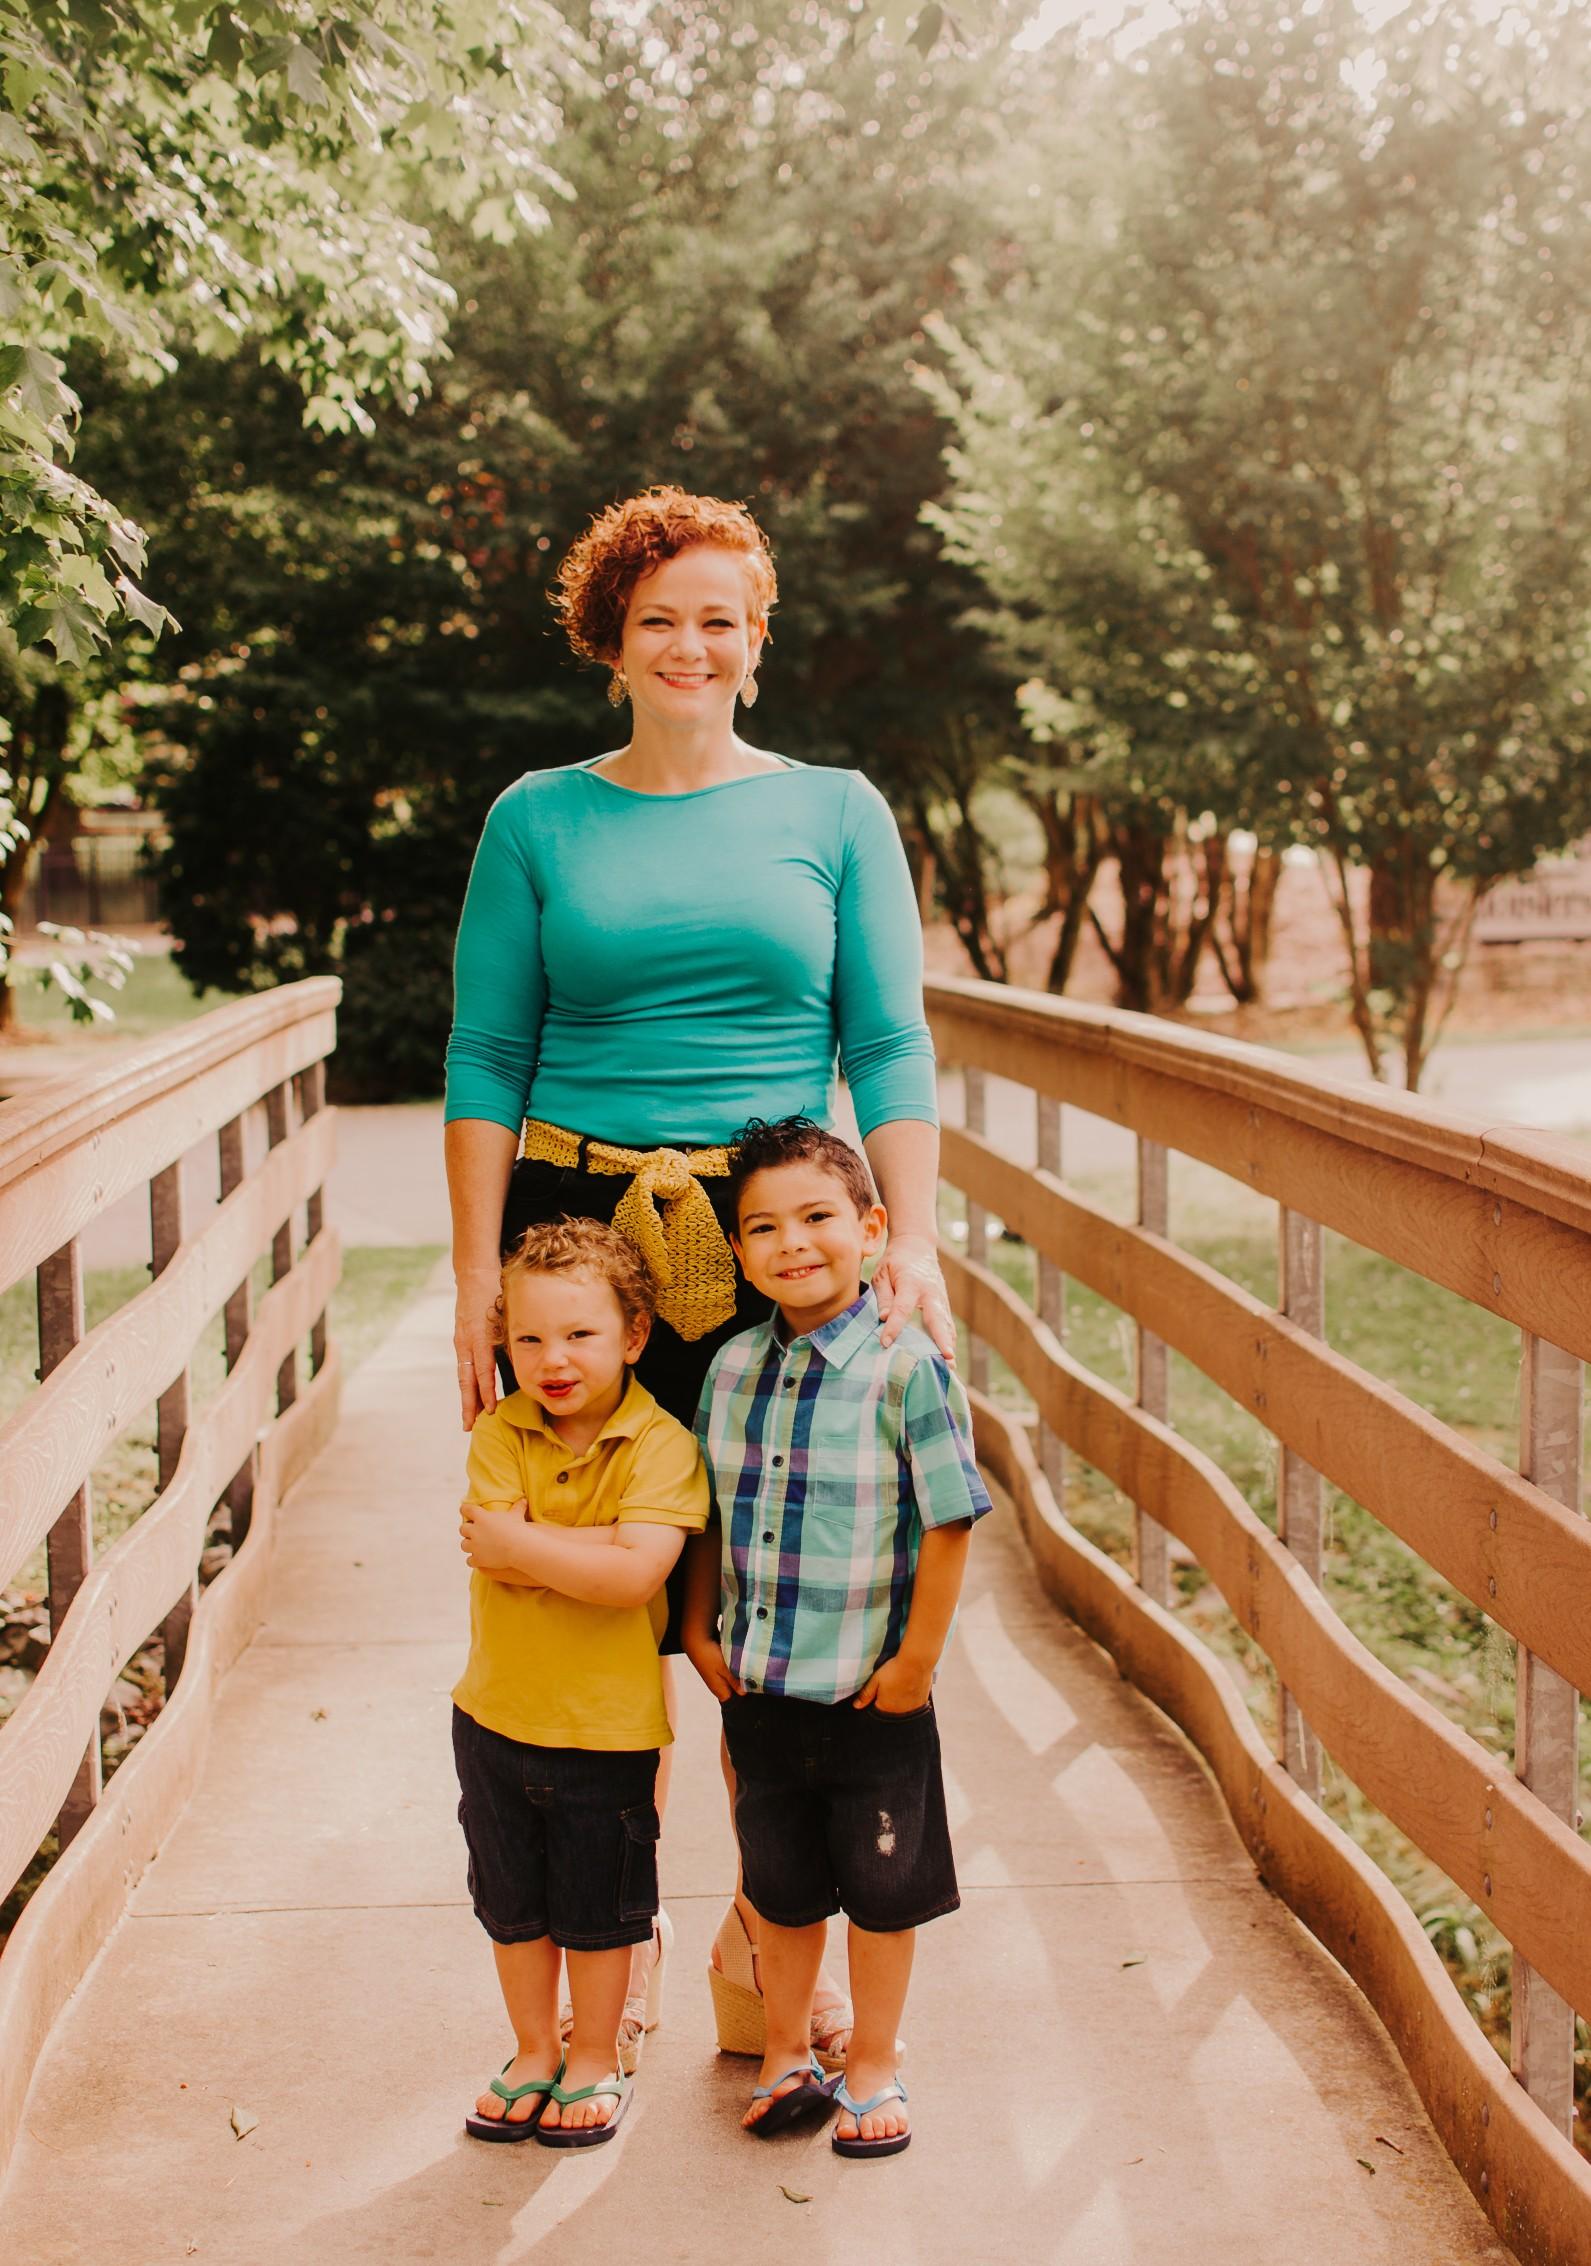 family-portrait-image.jpg.